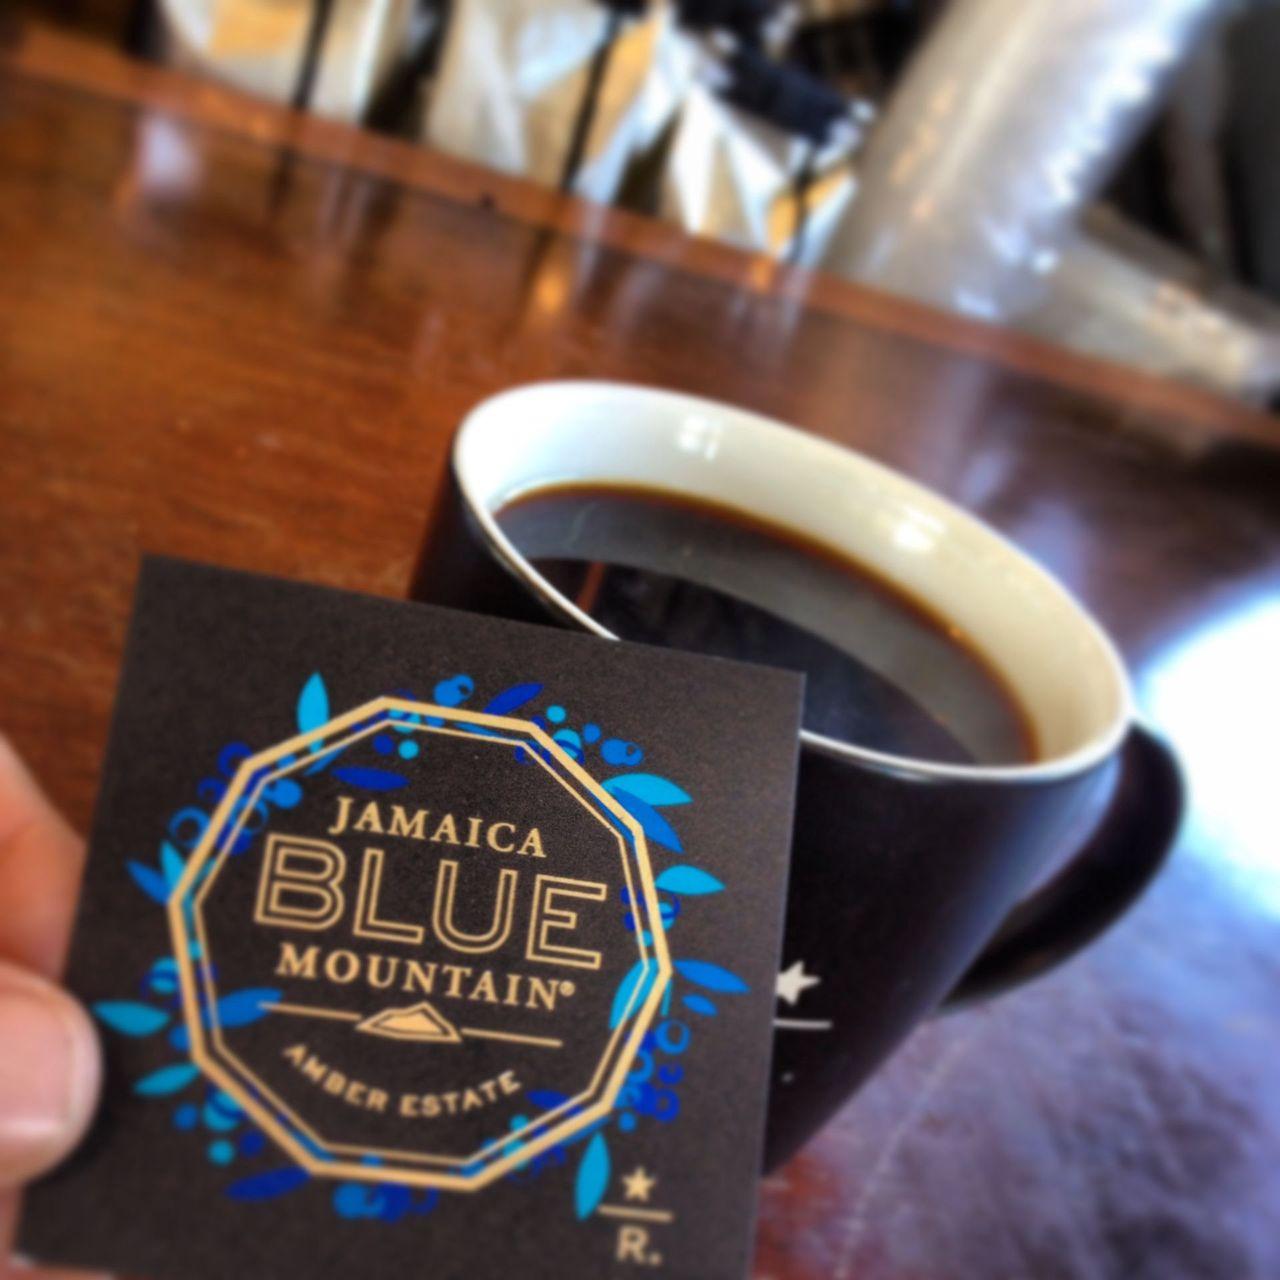 Giá của loại cà phê này được bán ra là 49 USD/pound